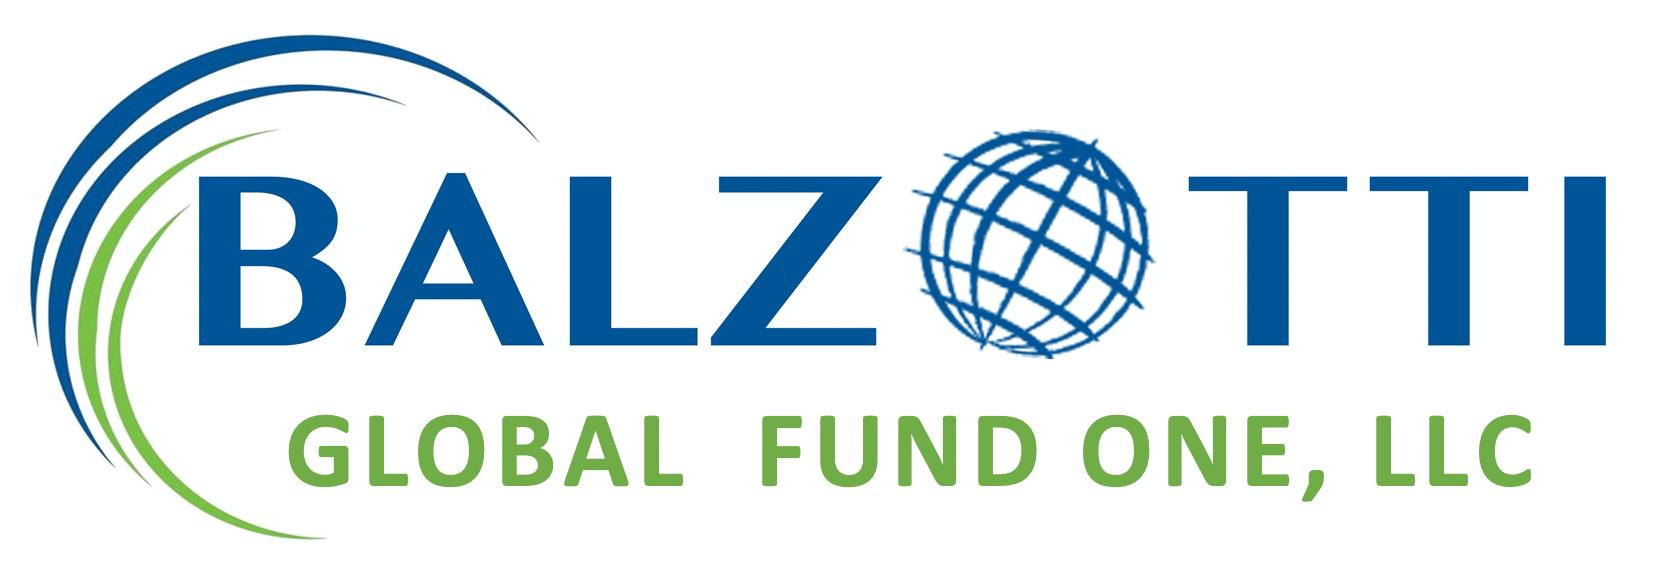 Balzotti Global Fund One